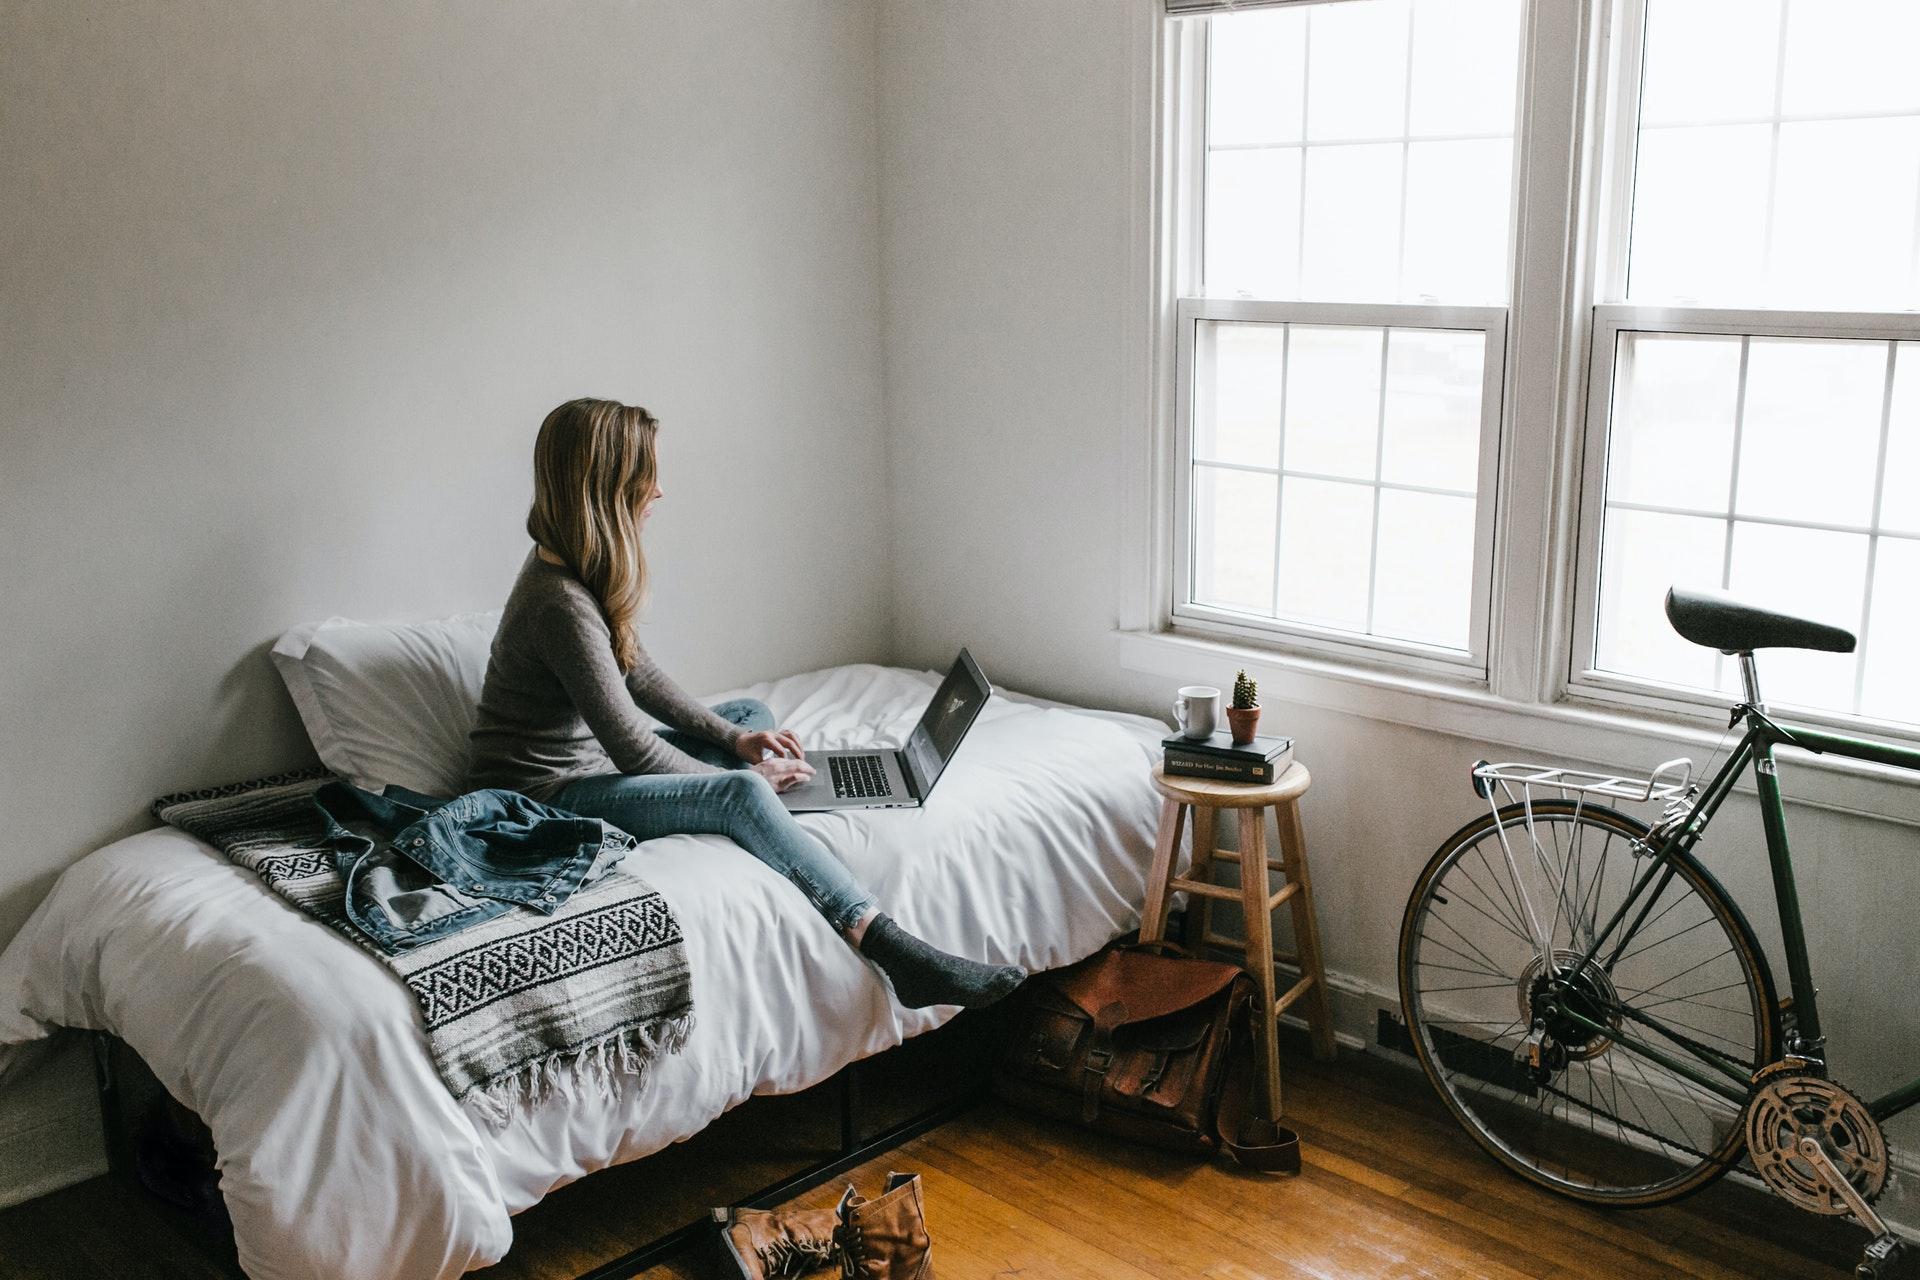 Vemos uma mulher sentada na cama olhando para o computador (imagem ilustrativa).